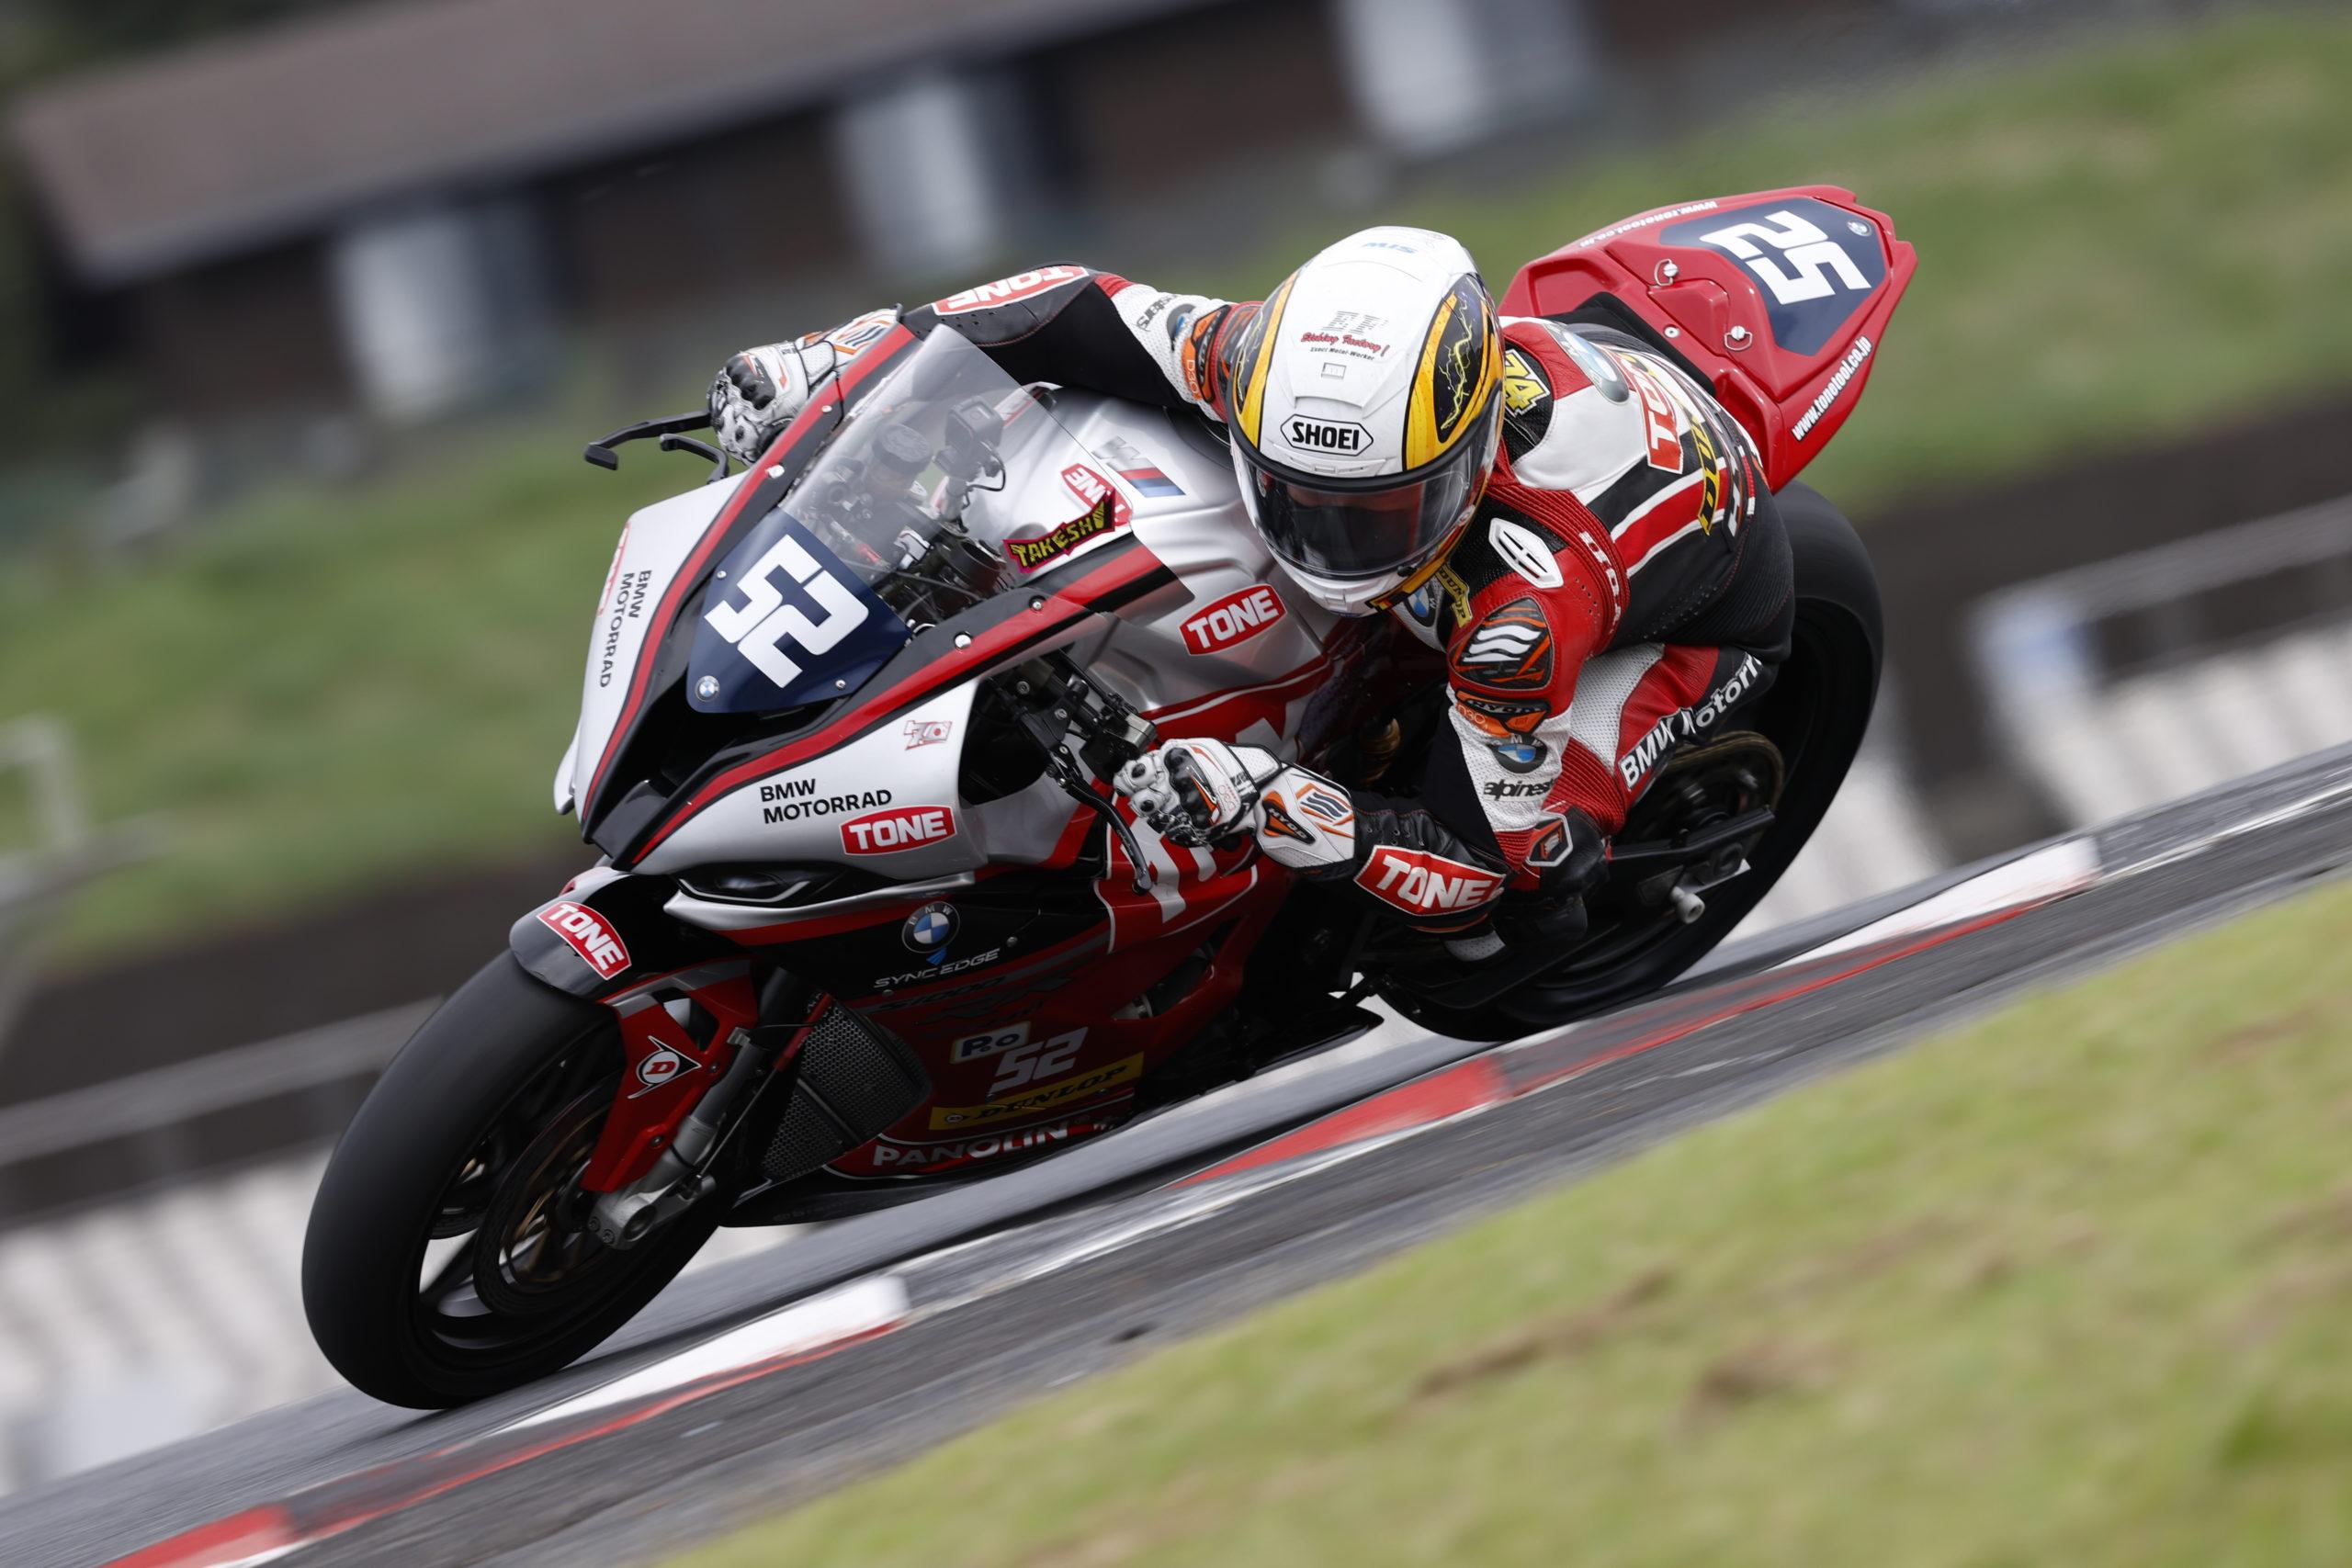 バイクのニュースさんにて、CEVライダー 石塚健のレースレポート「全日本ロードレース選手権 最終戦に代役参戦」が公開されました。